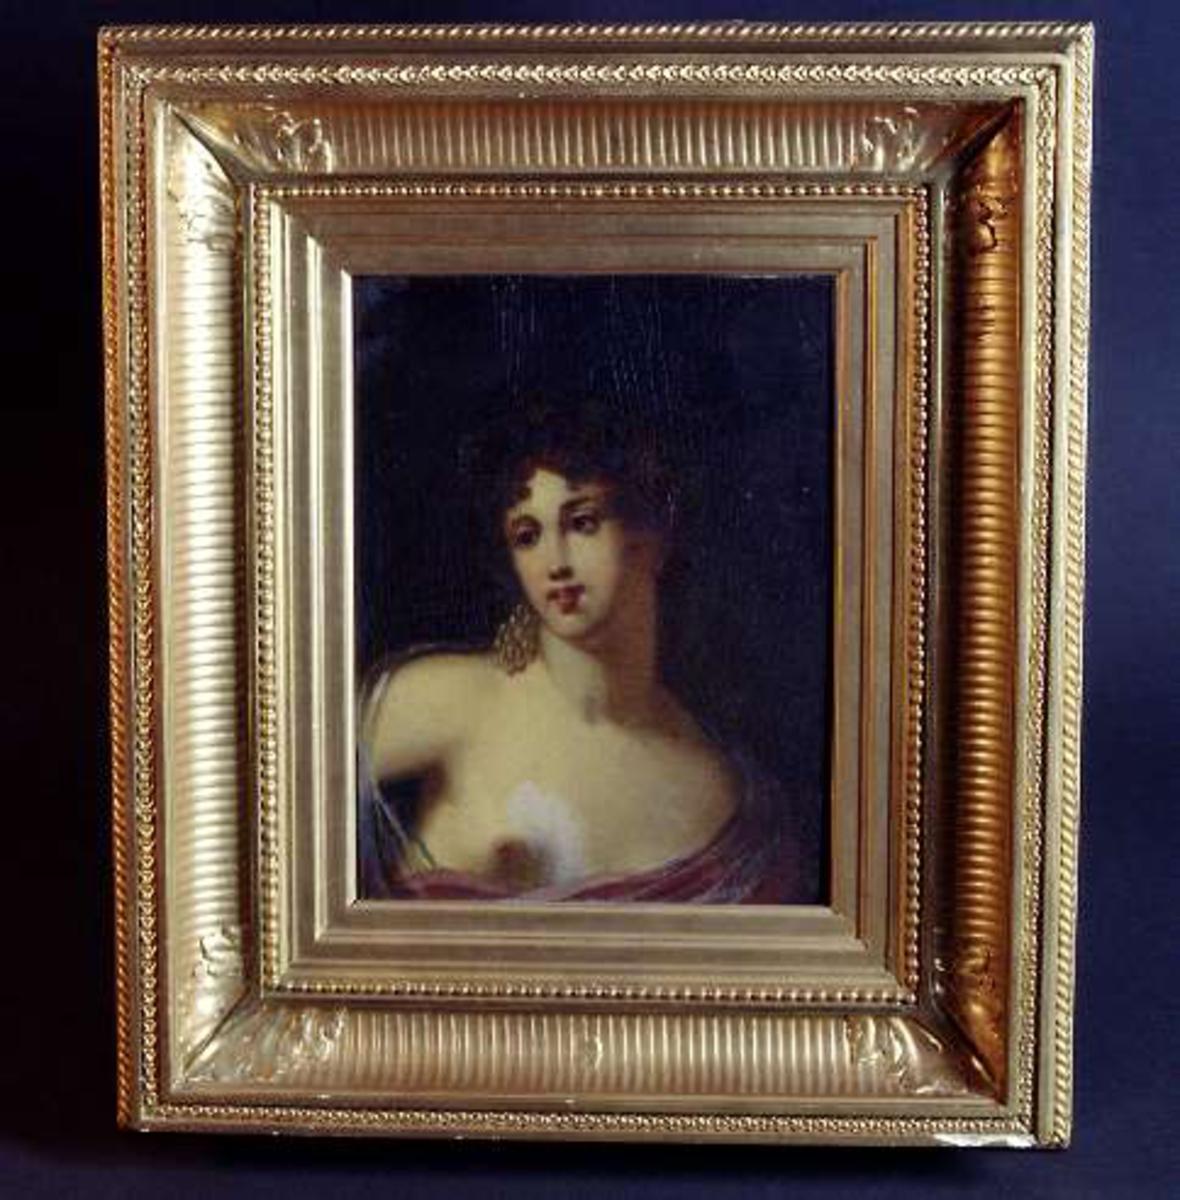 Porträtt av en kvinna.